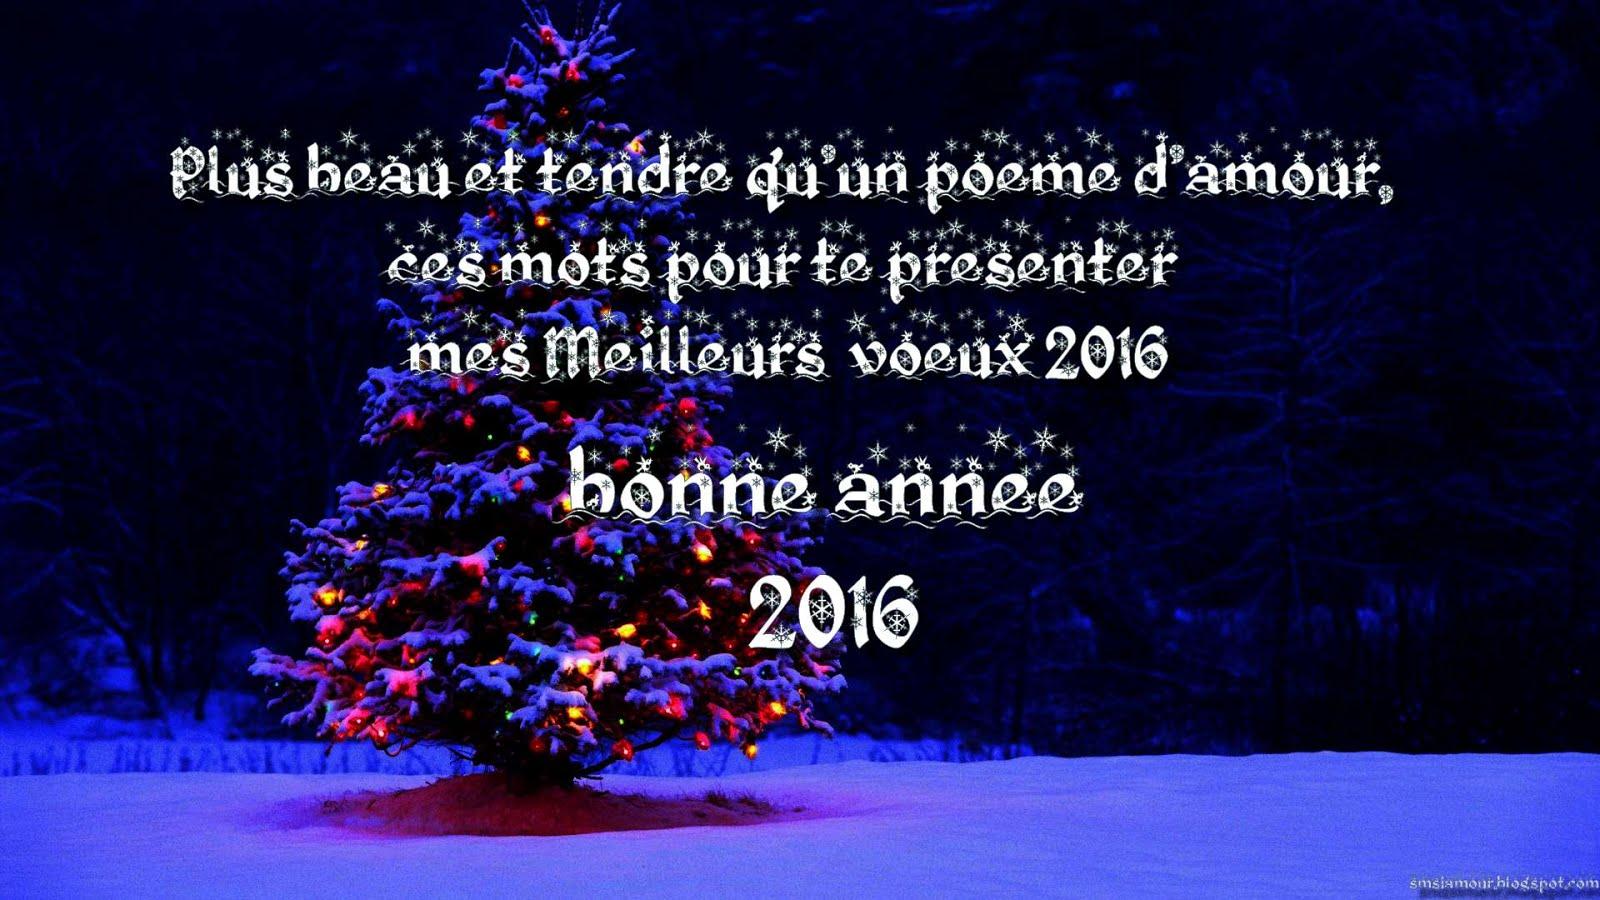 Pdf Message Voeux 2016